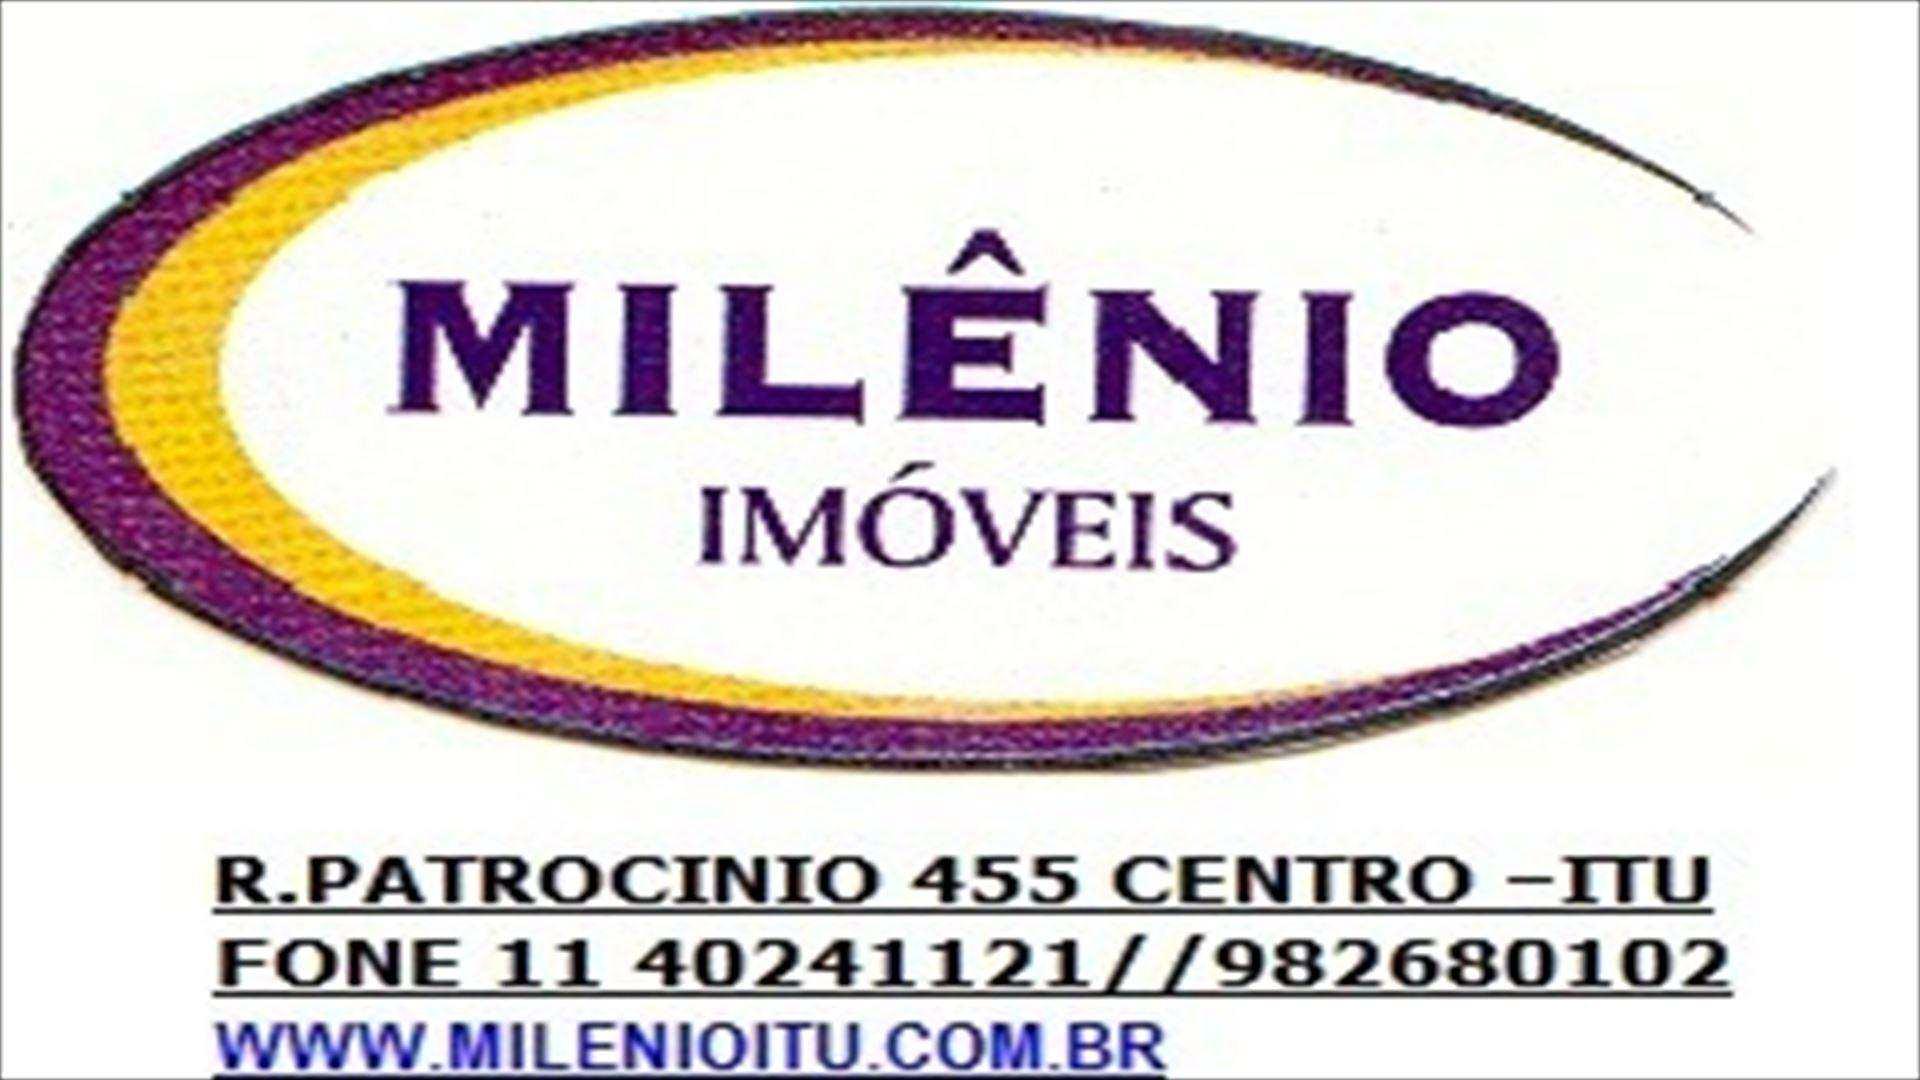 139000-LOGO_TIPO_MILENIO1.jpg